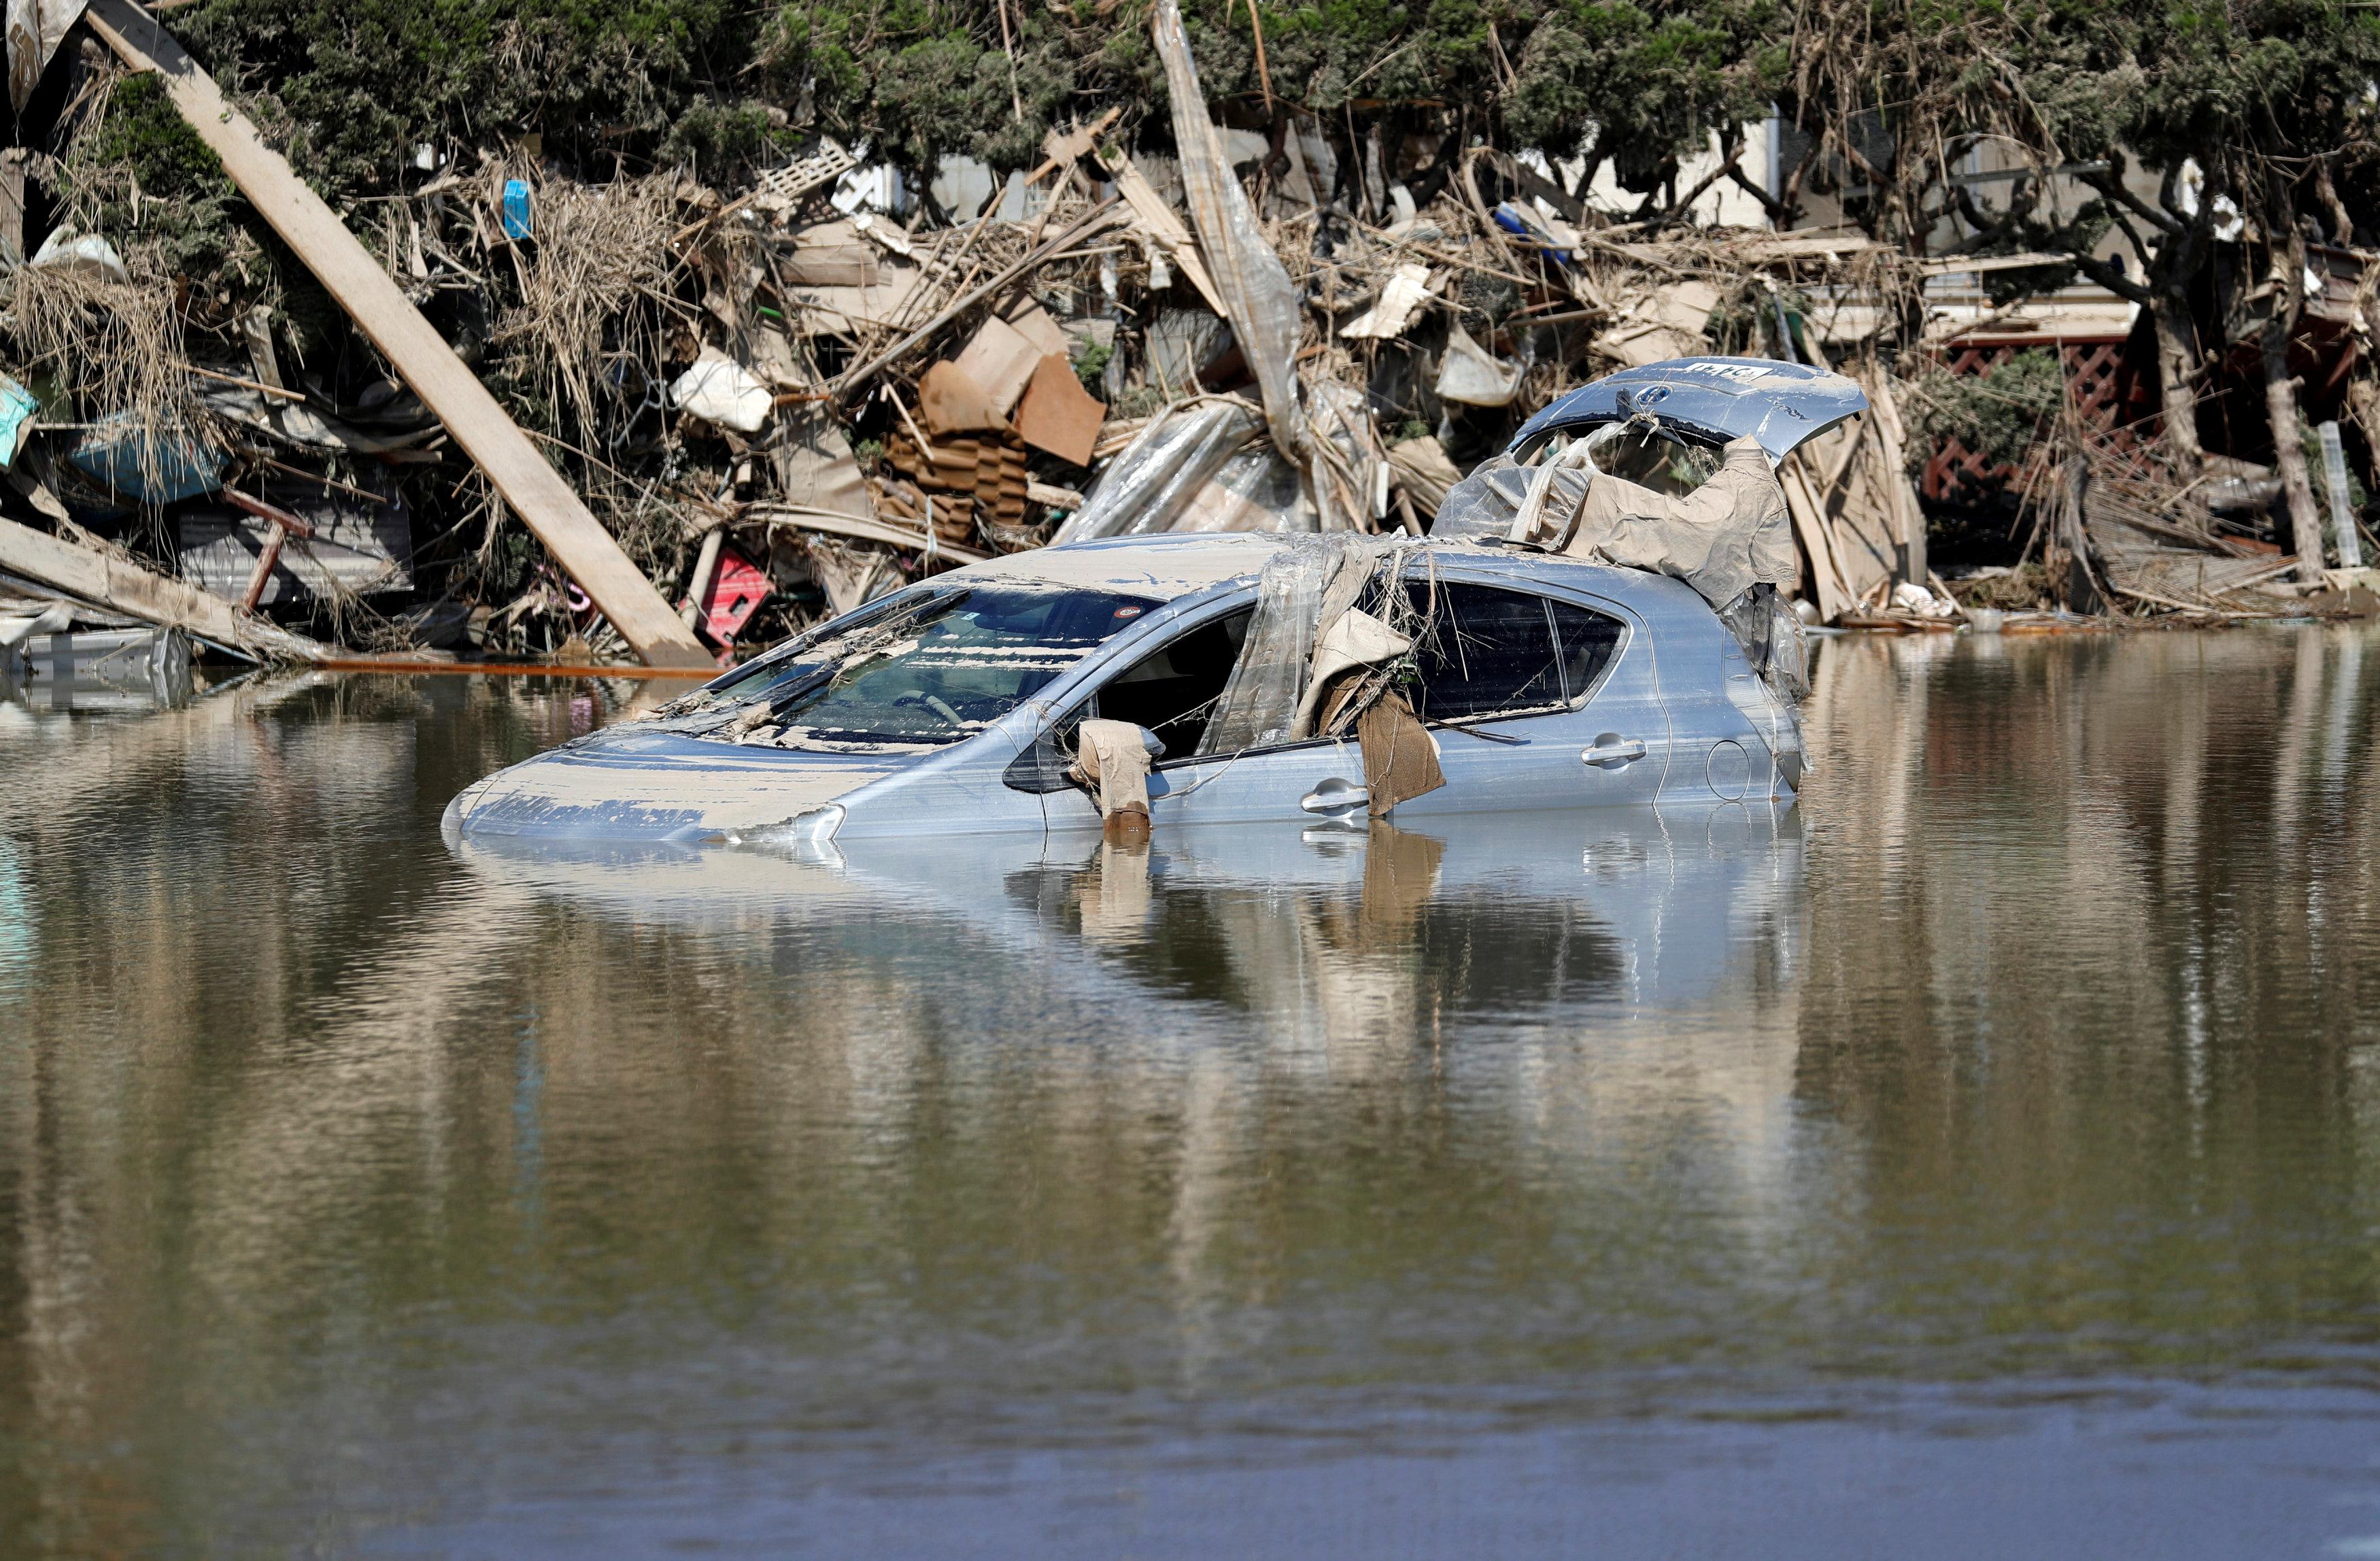 En la localidad de Mabicho (Okayama), una de las más castigadas, unas 1.200 hectáreas o dos tercios de su superficie quedaron totalmente inundadas en cuestión de horas, lo que empujó a un millar de personas a refugiarse en los techos o azoteas de las 4.600 viviendas que fueron engullidas por el agua y el barro